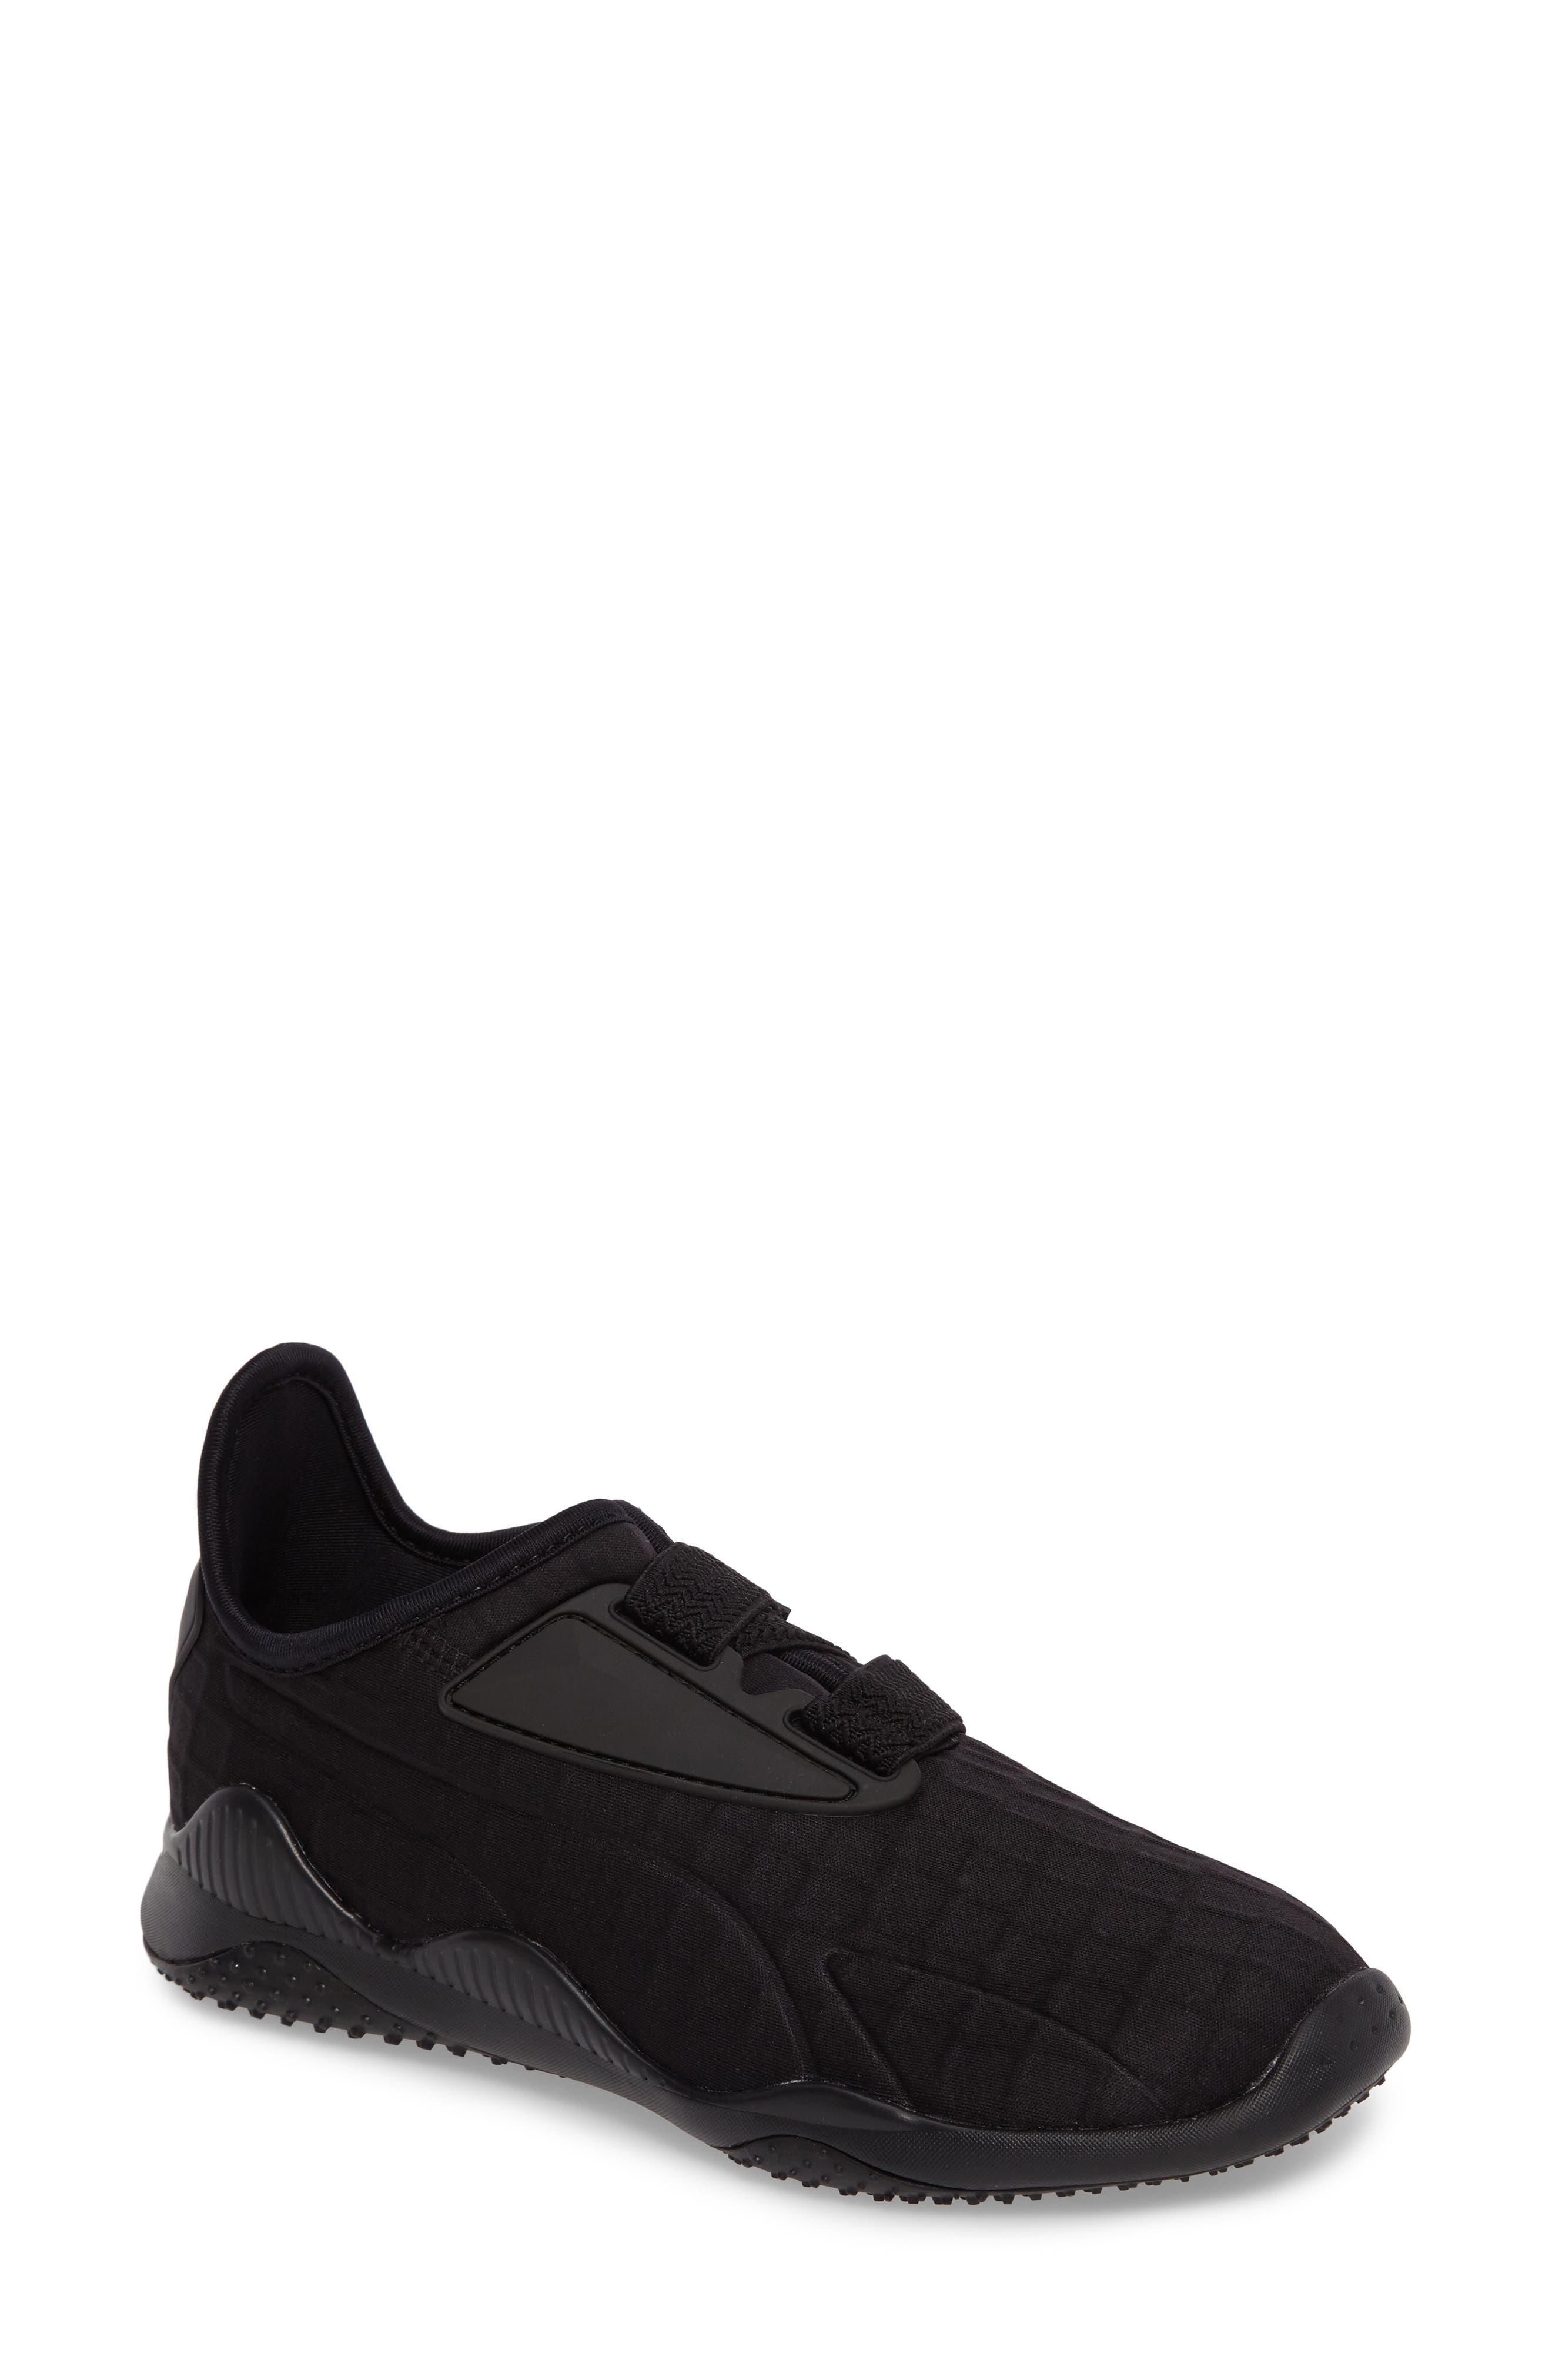 PUMA Mostro Fashion Sneaker